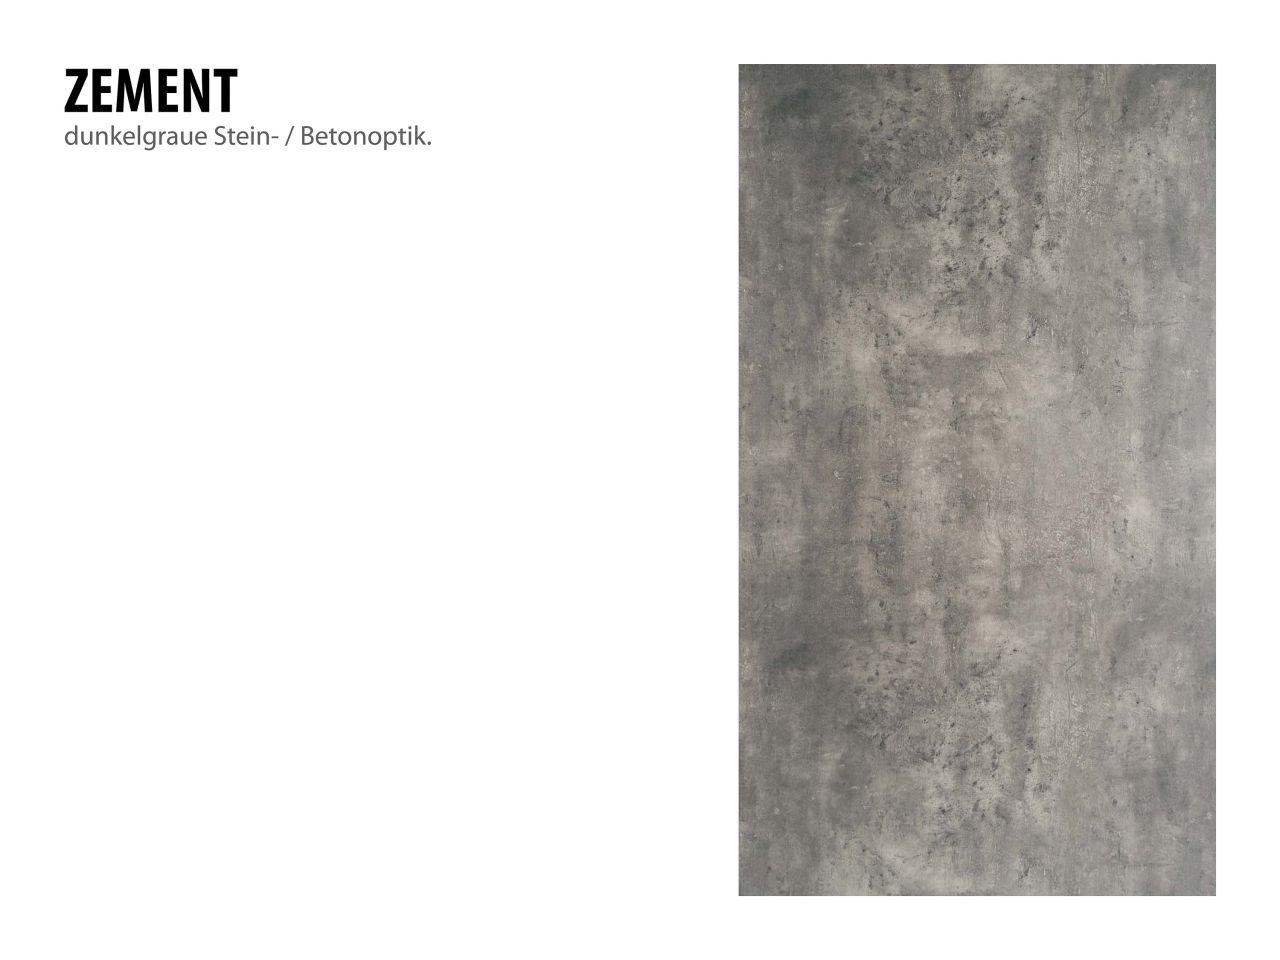 Silverstar 2.0 Dekor Zement